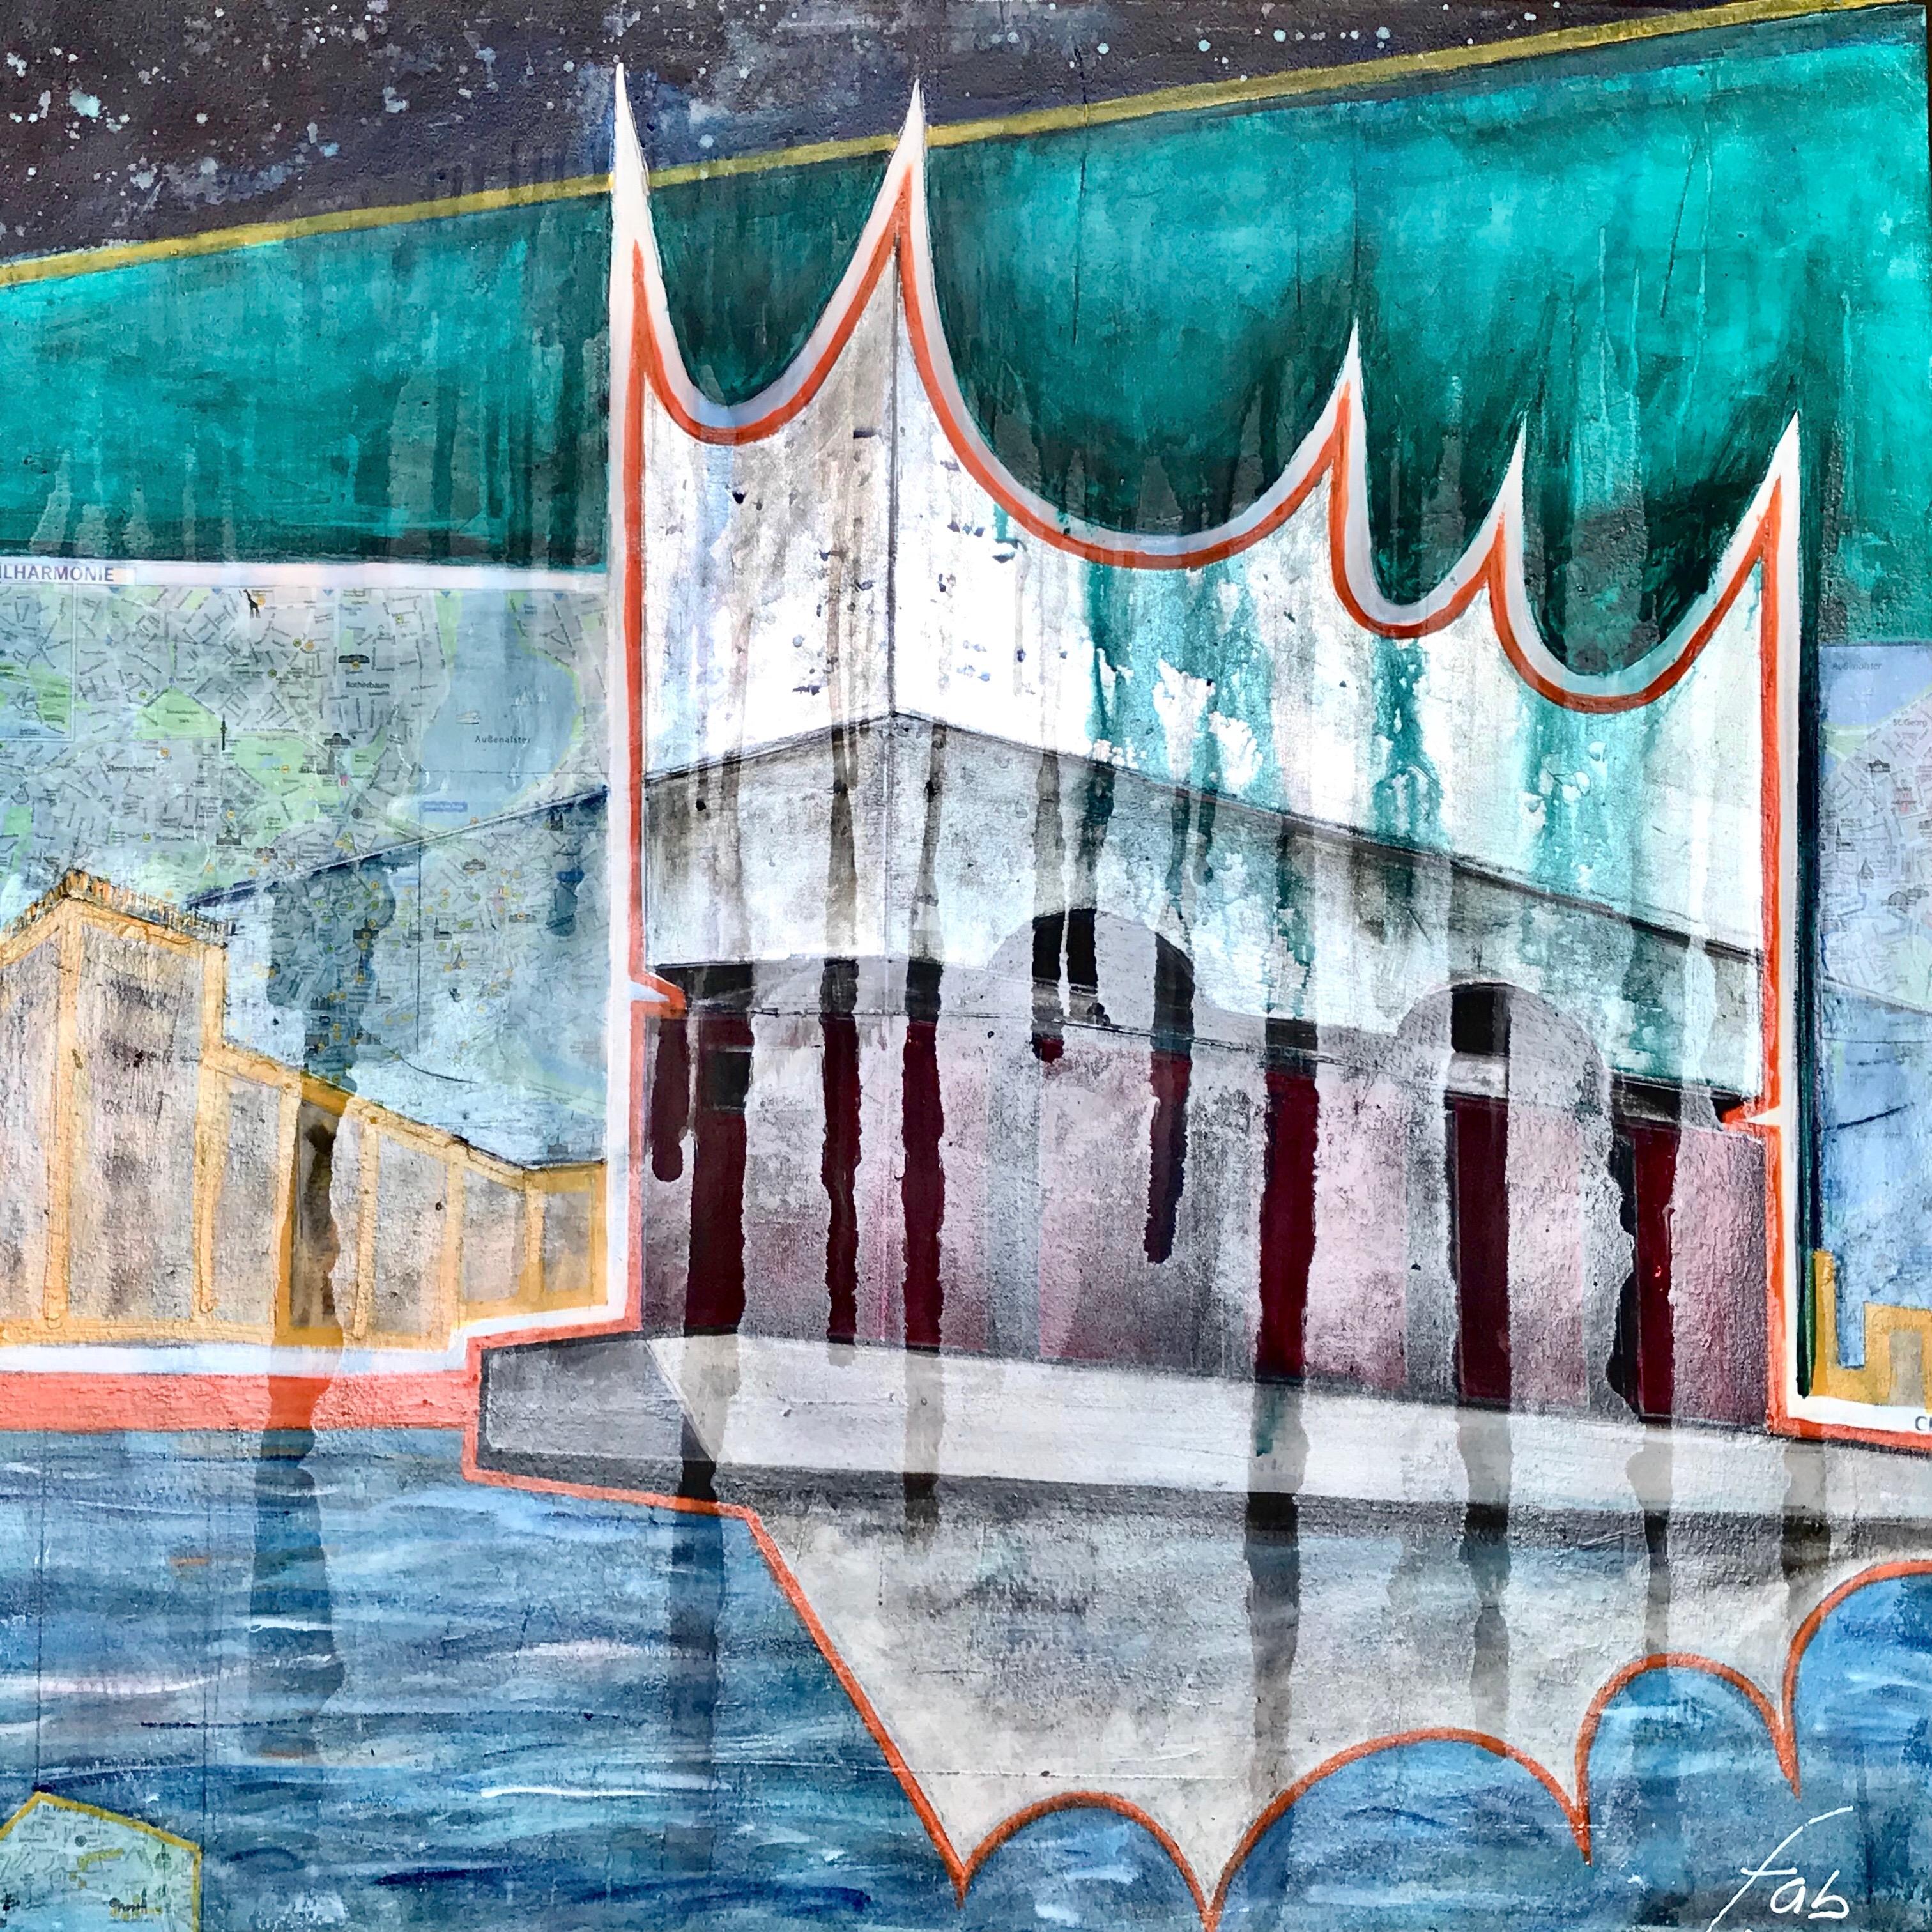 """<b>""""Elbphilharmonie II""""</b> <span style= """"font-size:14px"""">(2018)</span> <br><p style = """"font-size:14px"""">Acrylic on canvas<br>39 x 39 in; 135 x 135 cm</p>"""